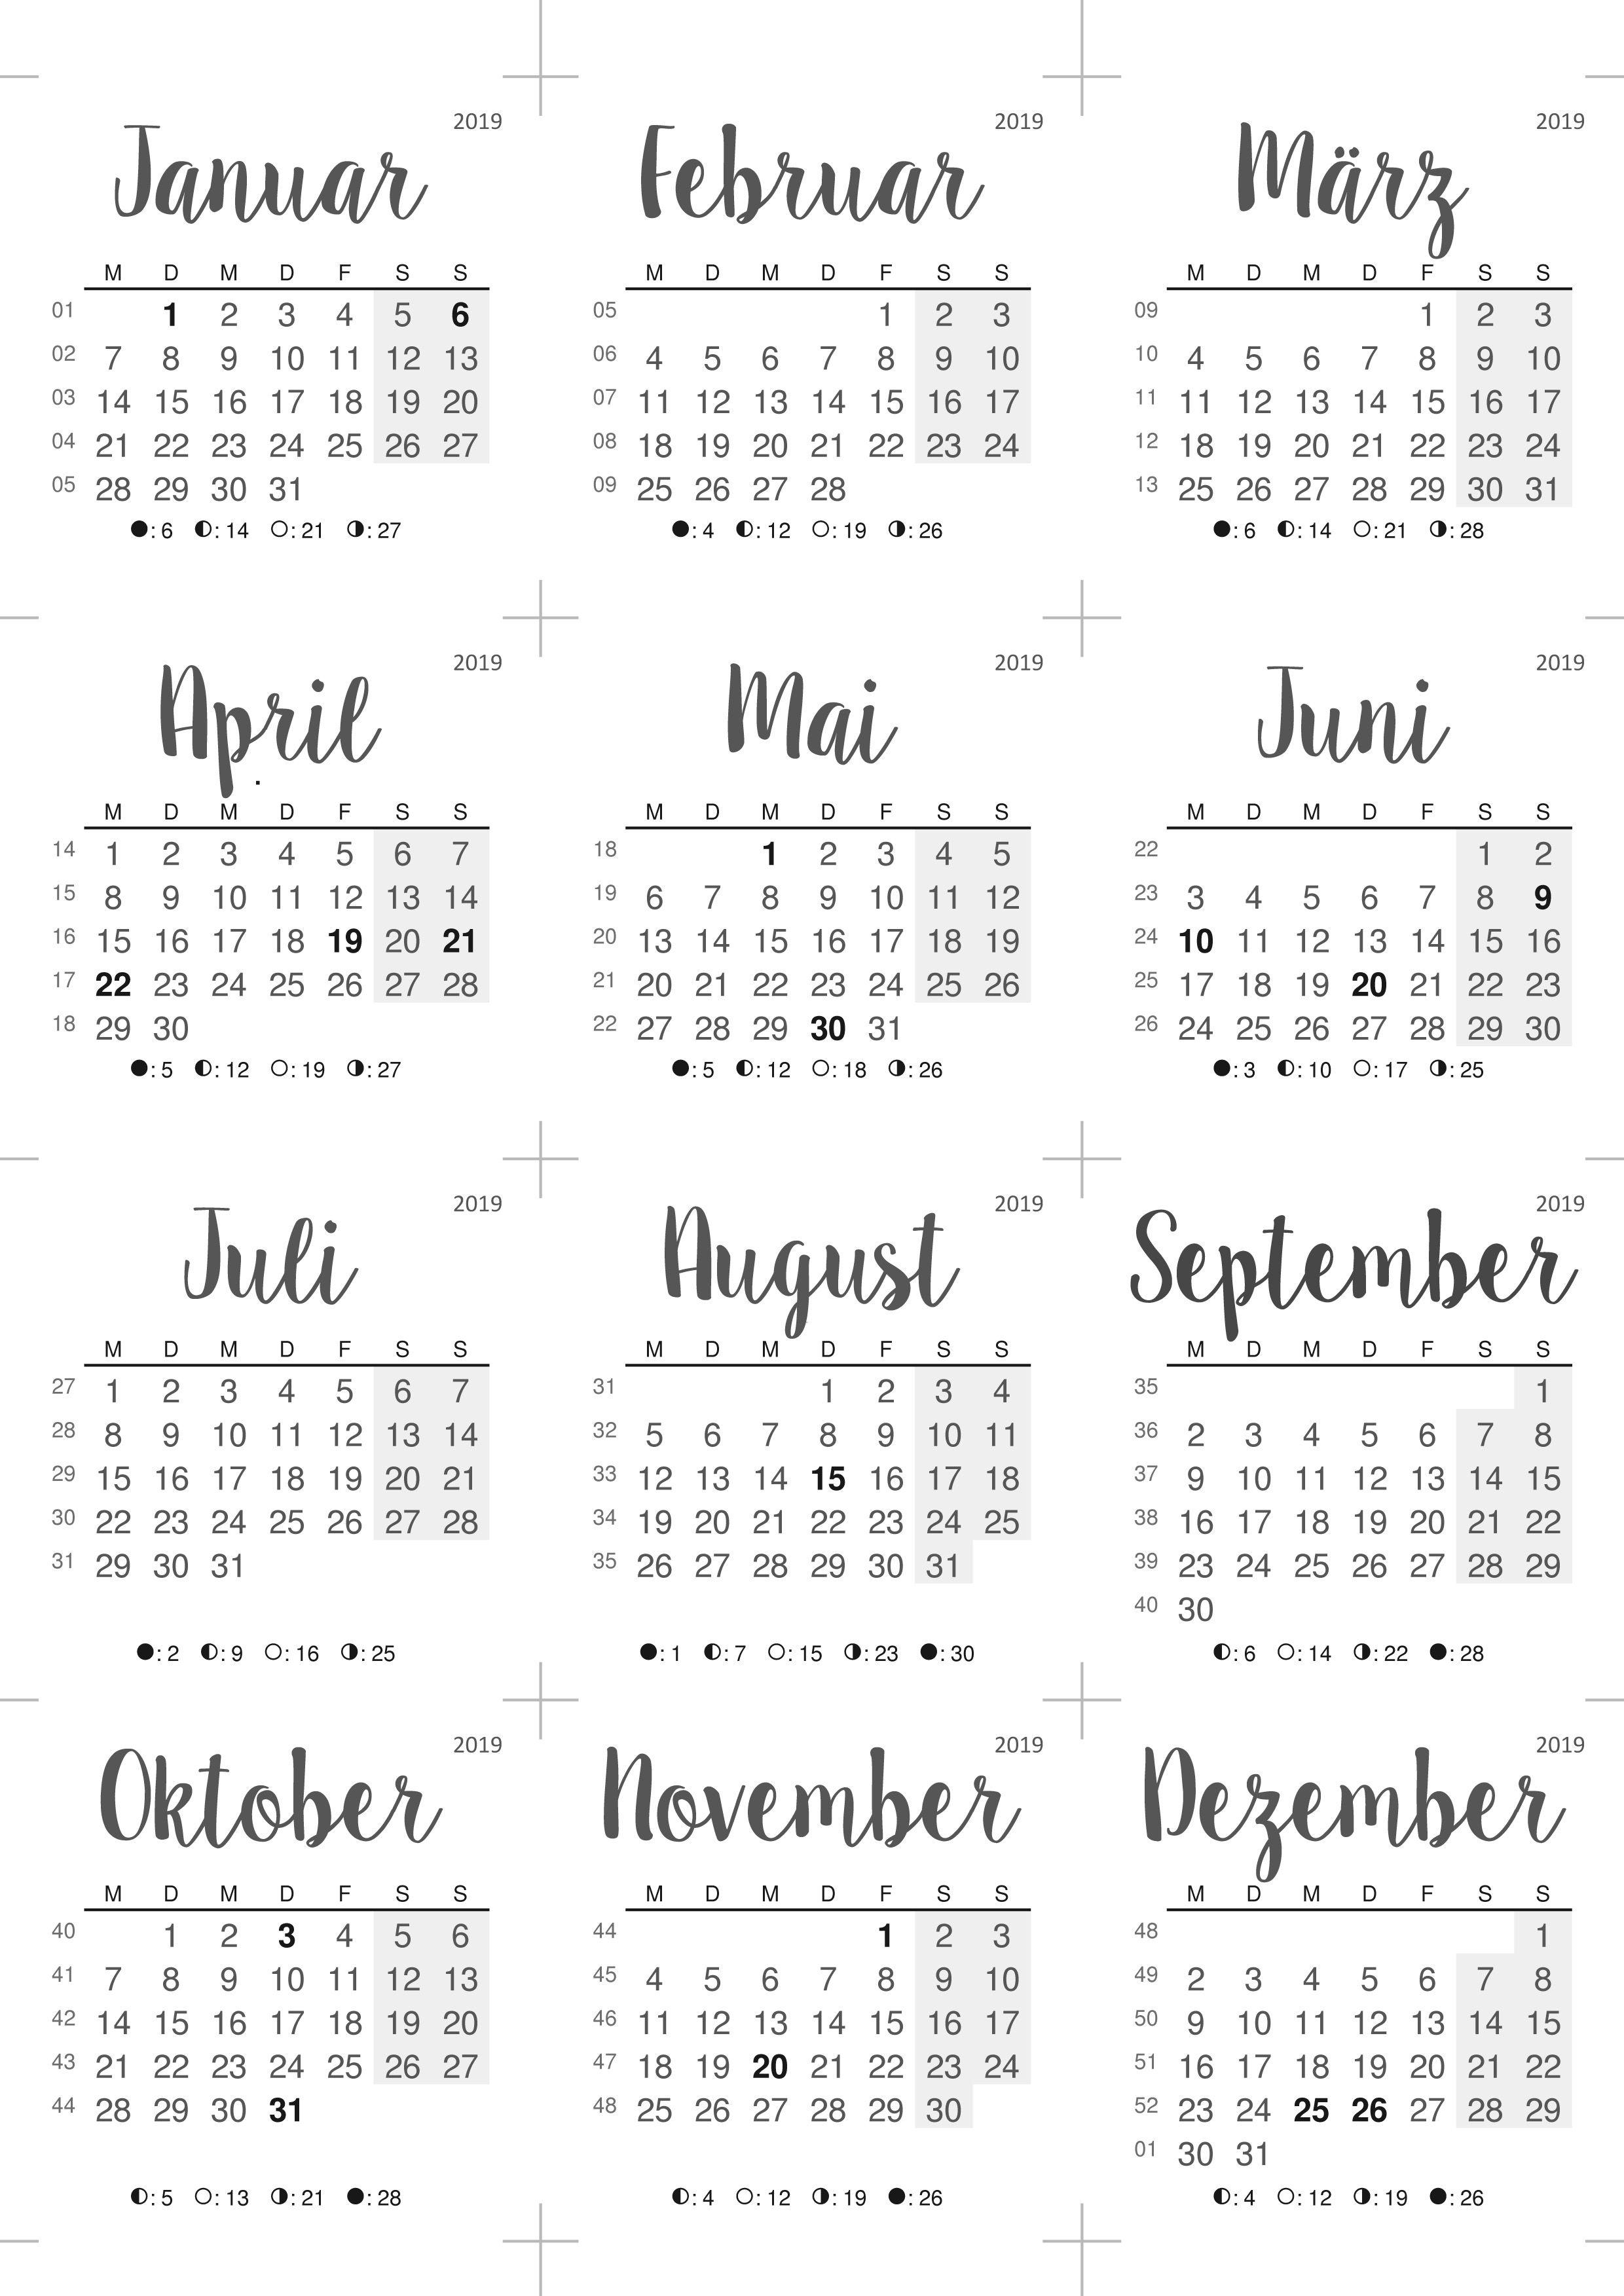 Tischkalender 2019 Mit Notizblock Kalender Zum Ausdrucken Tischkalender Kalender Notizbuch